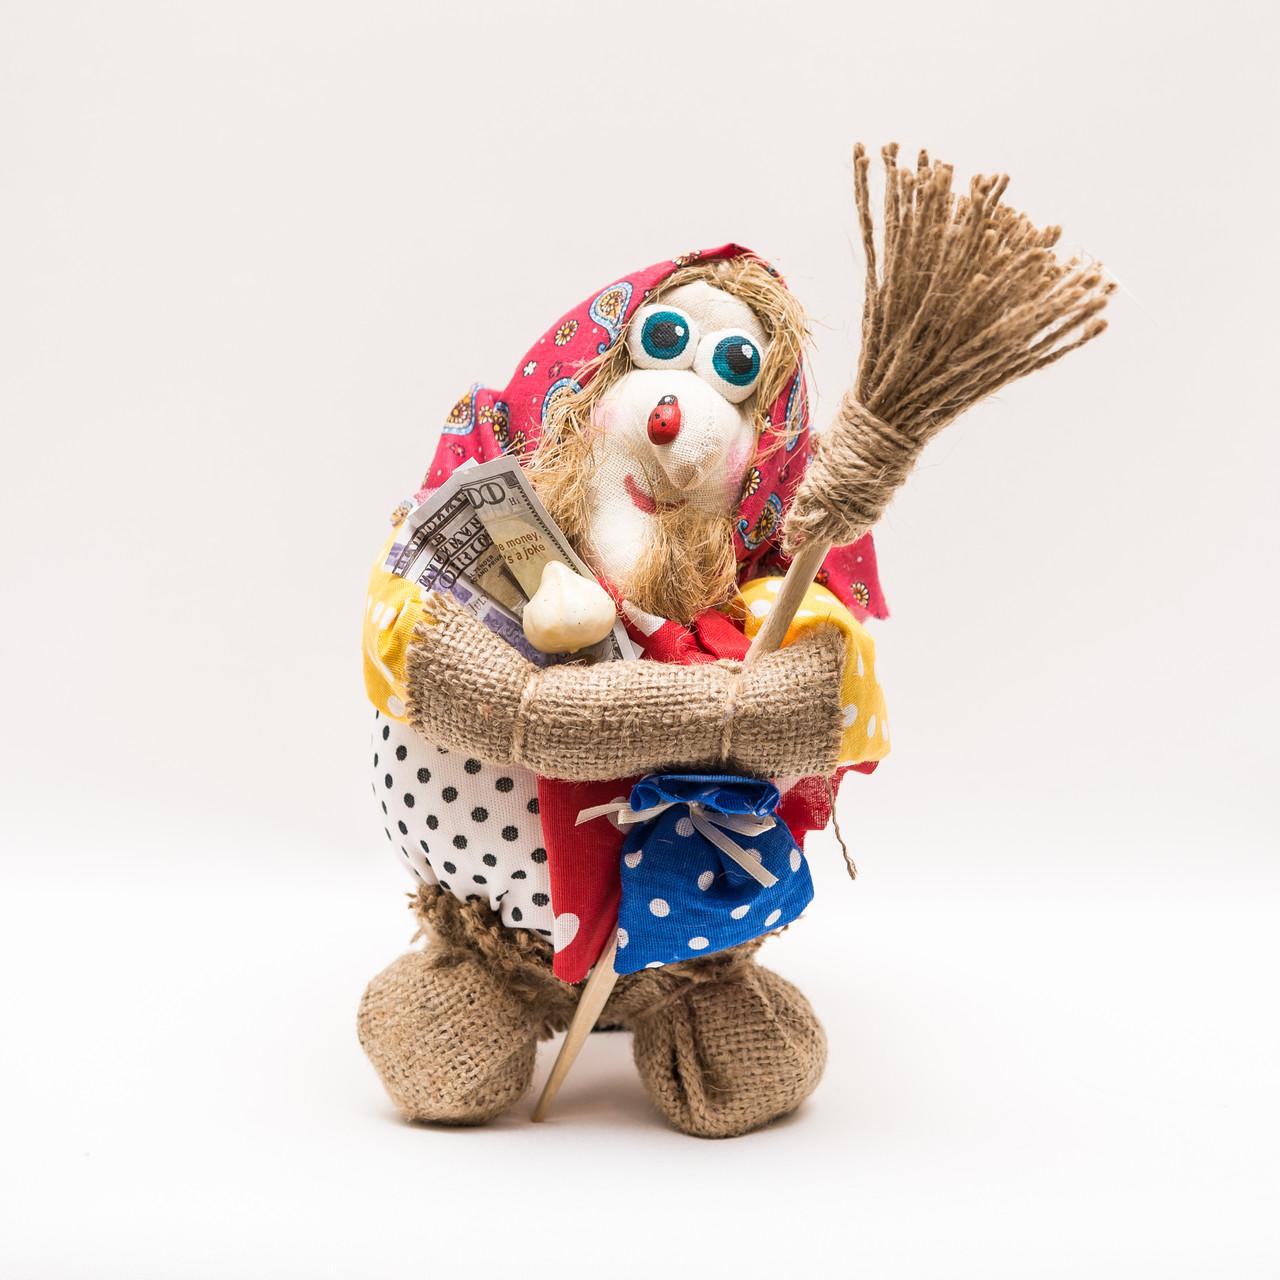 Текстильная кукла (мешок) Баба Яга 25-30 см